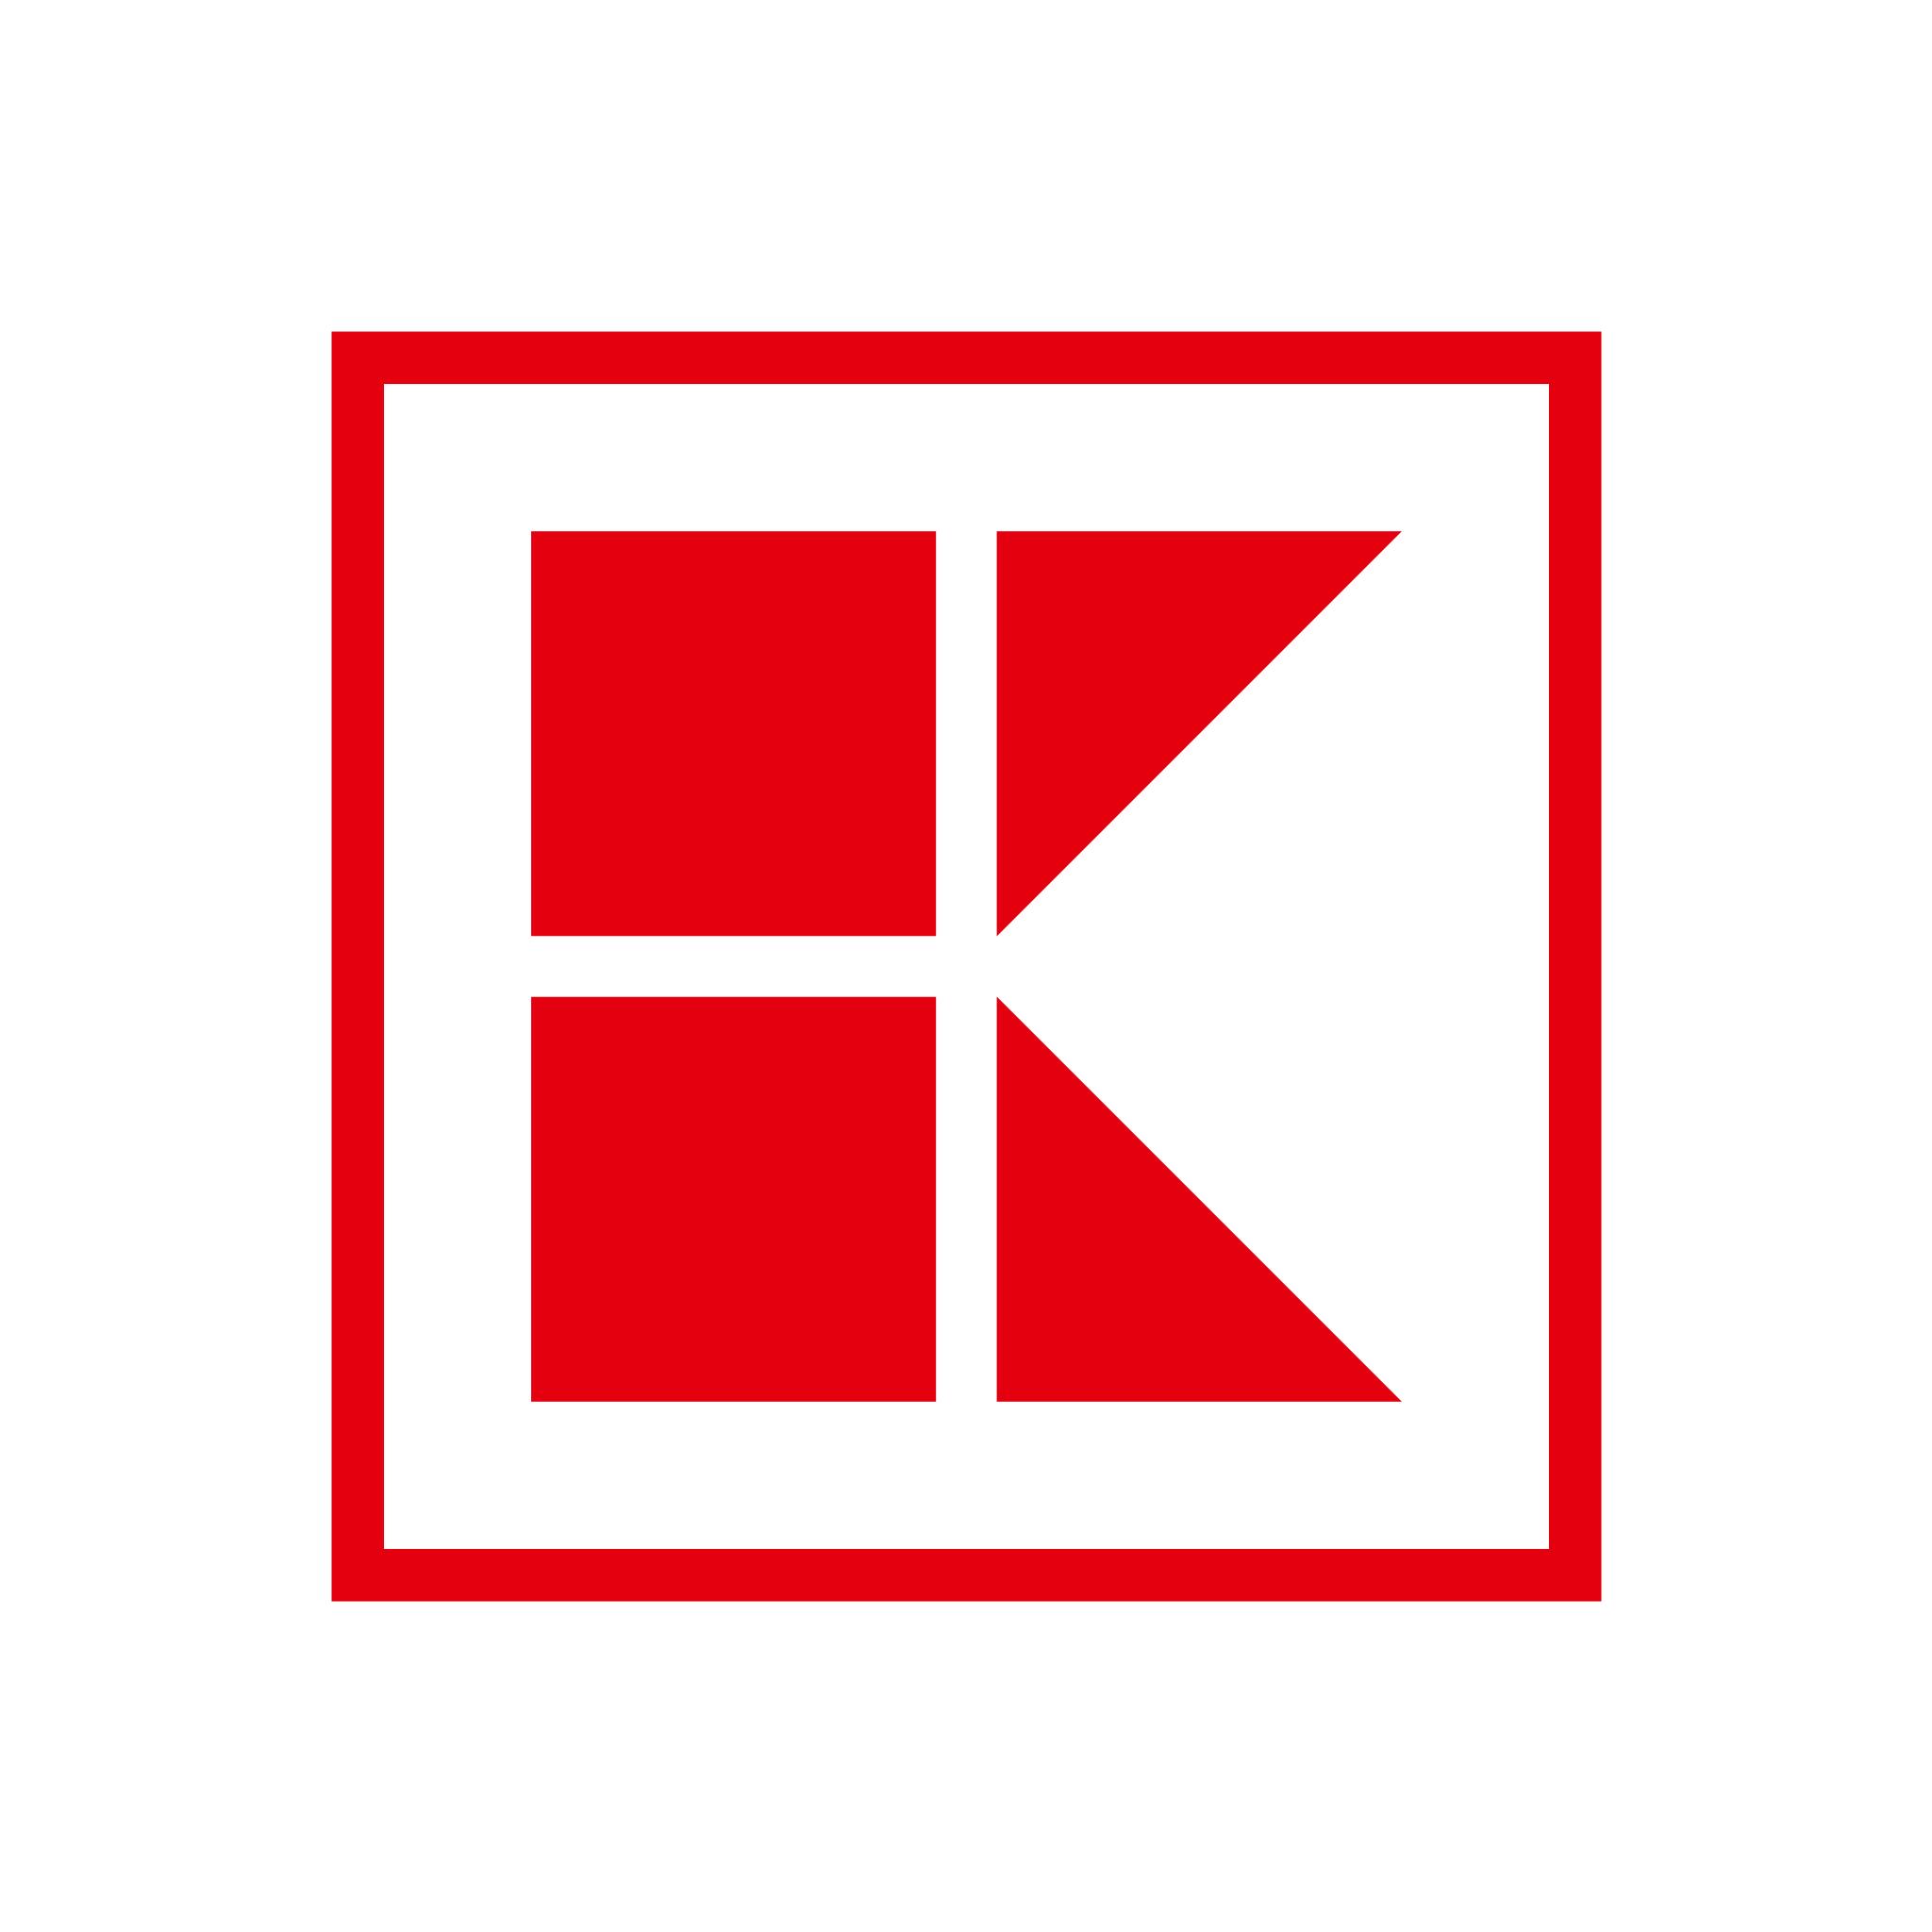 Kaufland Neckarsulm Logo